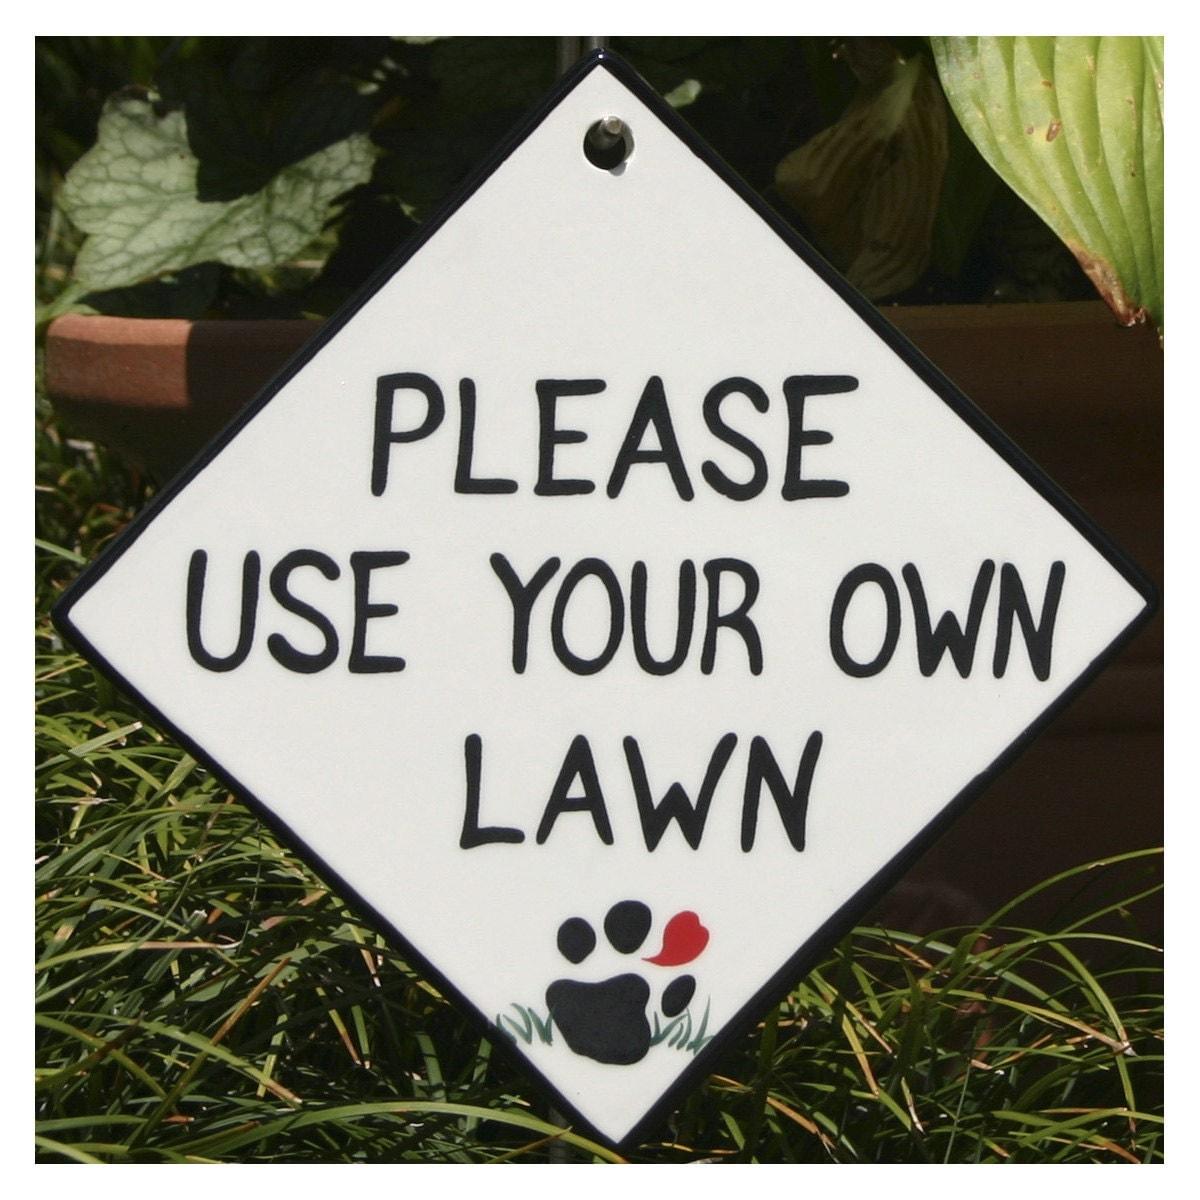 Dog Yard Sign Asks Politely For A Dog Walker To Clean Up After